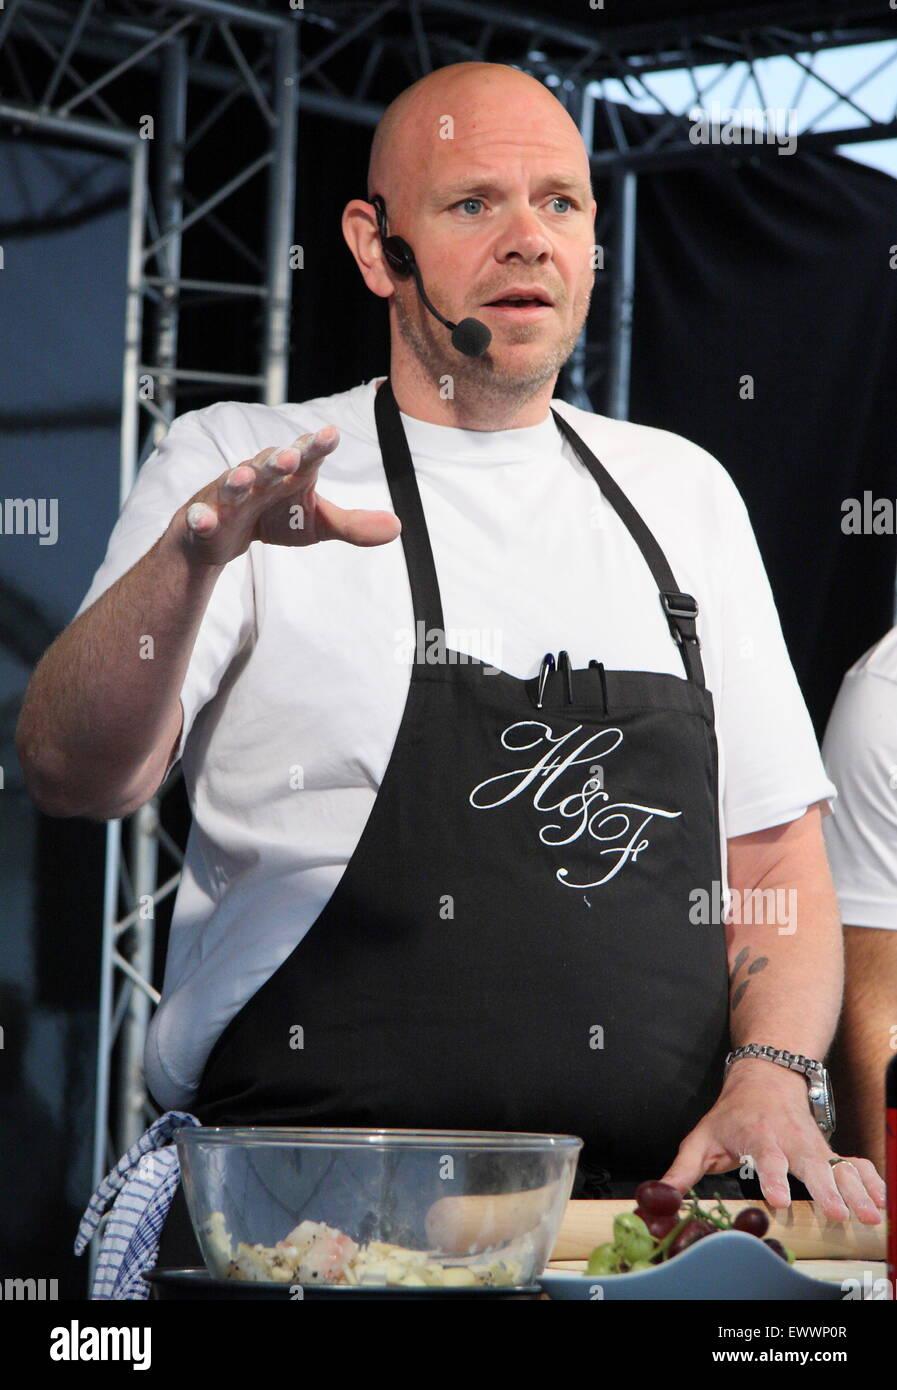 Cuisinier vedette de la télévision, tom Kerridge donne une démonstration culinaire à Chatsworth Photo Stock